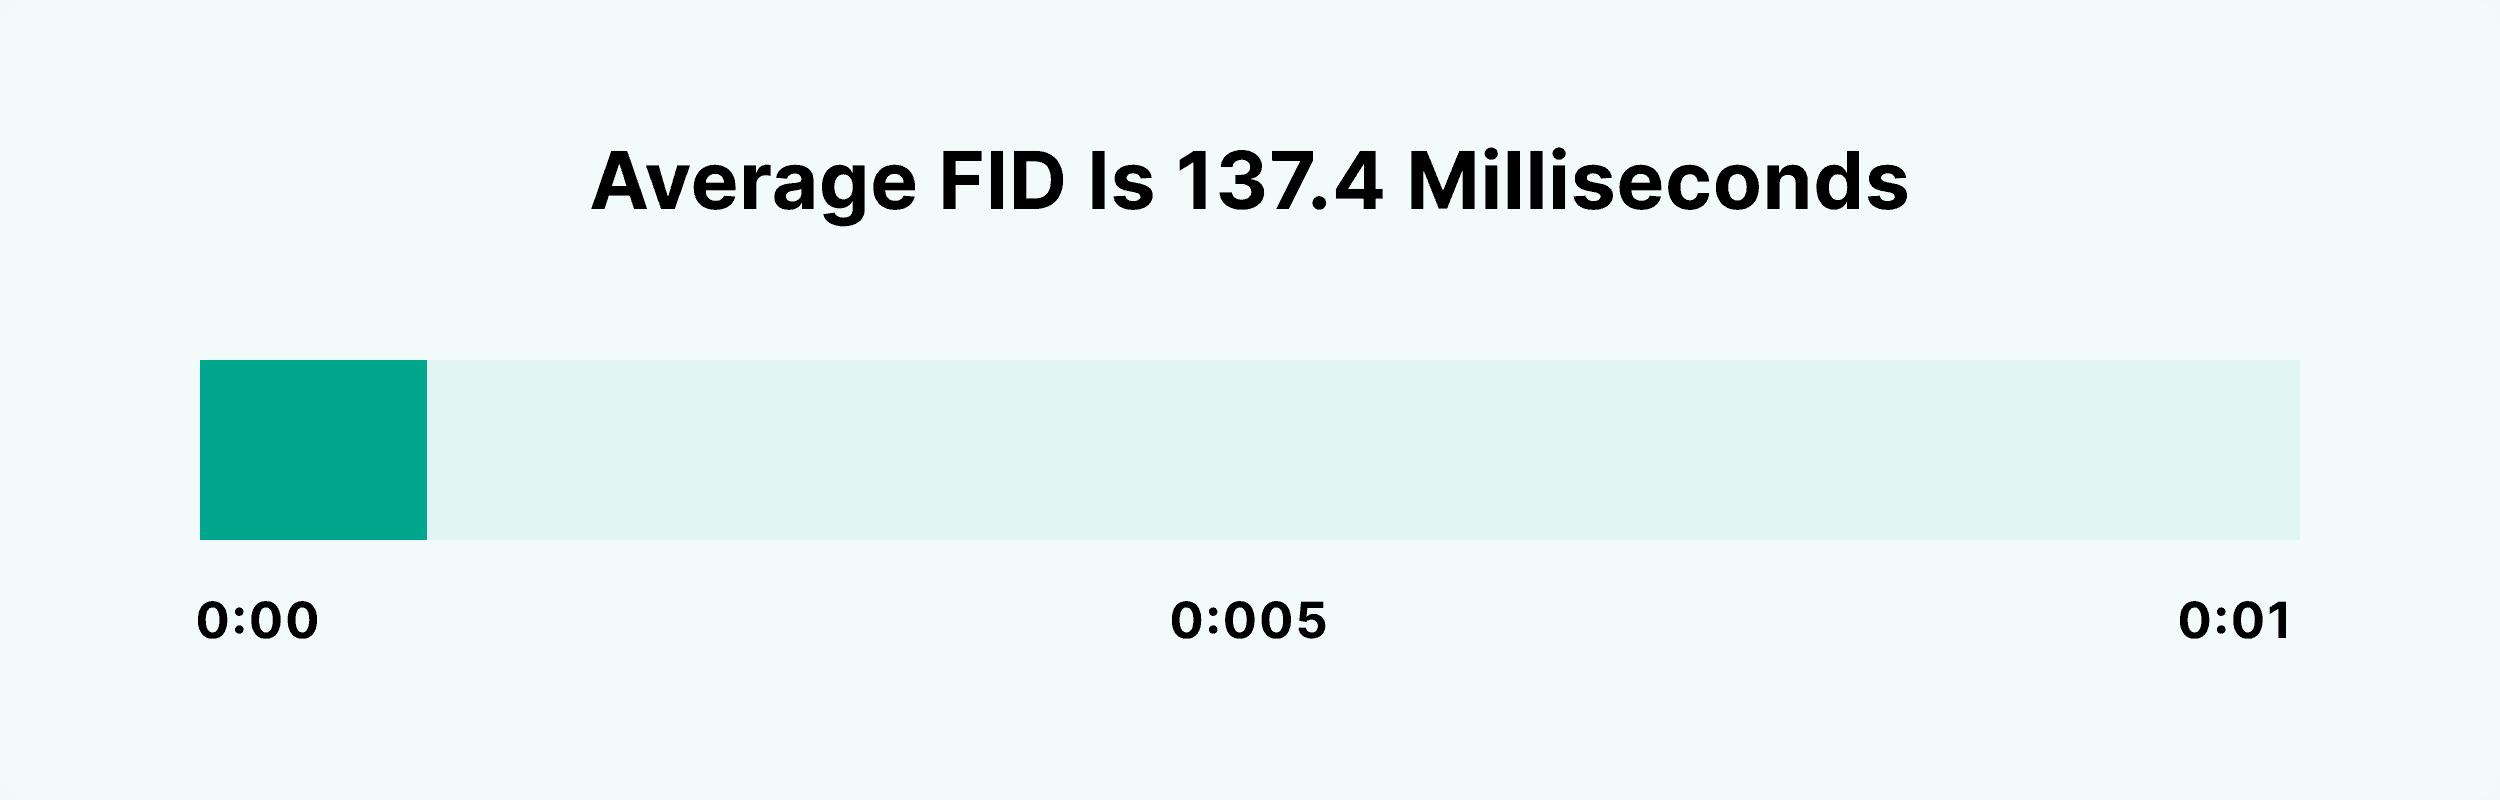 Average FID is 137.4 milliseconds